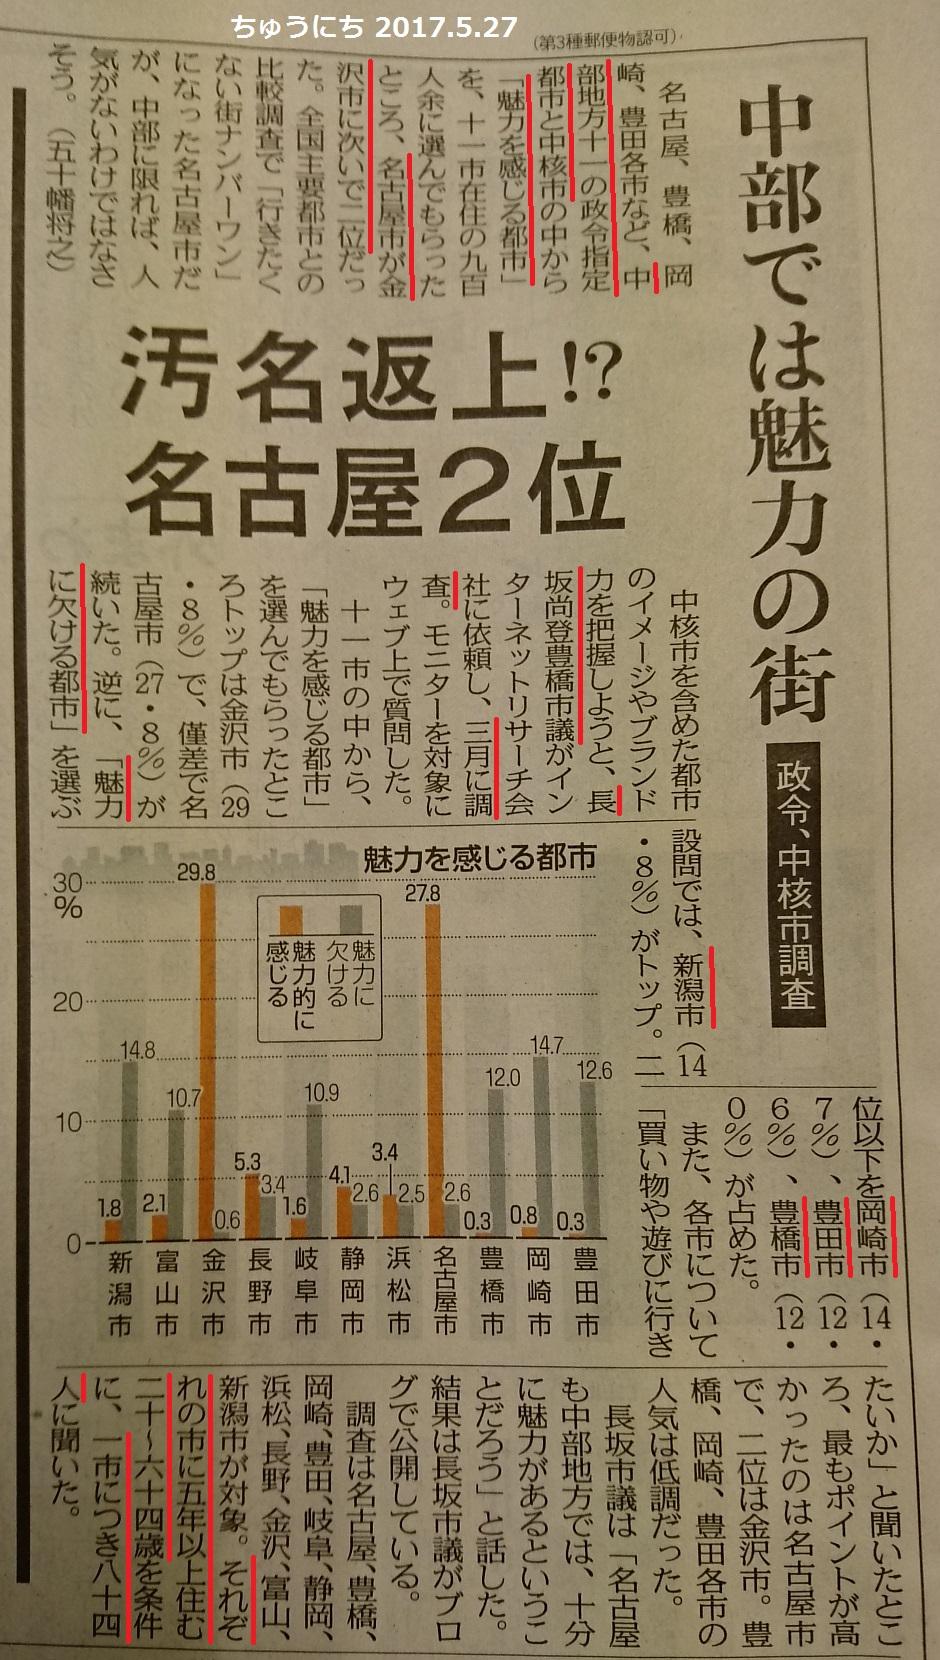 名古屋が魅力ある都市、中部2位 - ちゅうにち 2017.5.27